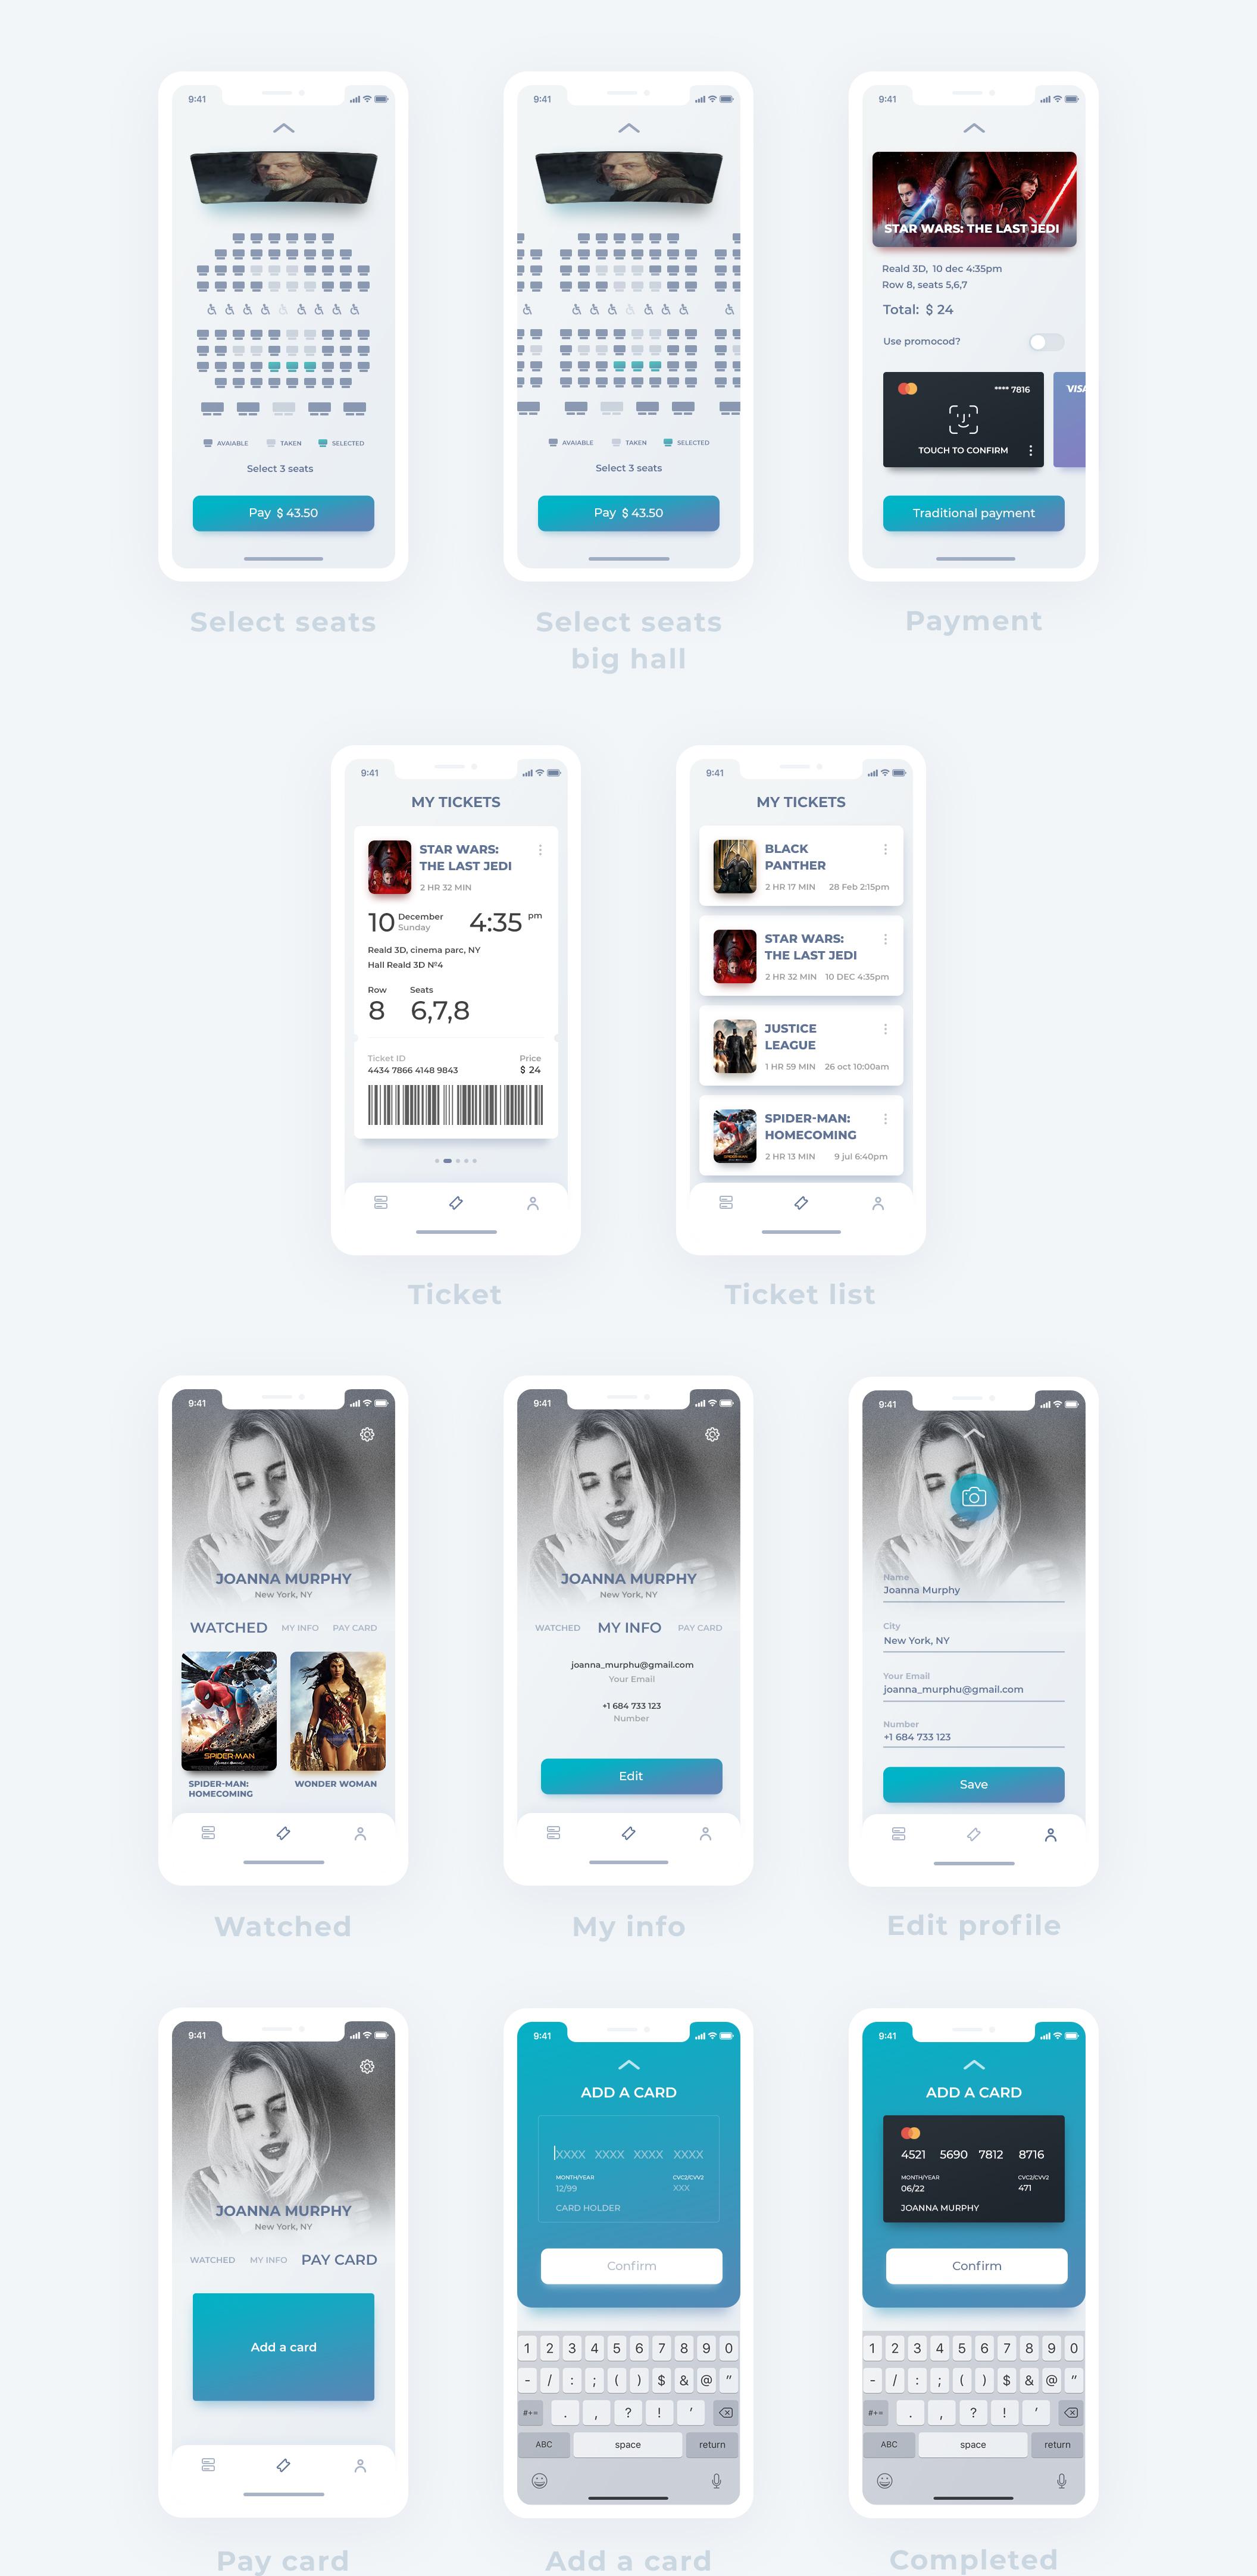 高品质的电影在线订票iOS APP UI工具包 EIGA Cinema UI KIt插图(2)